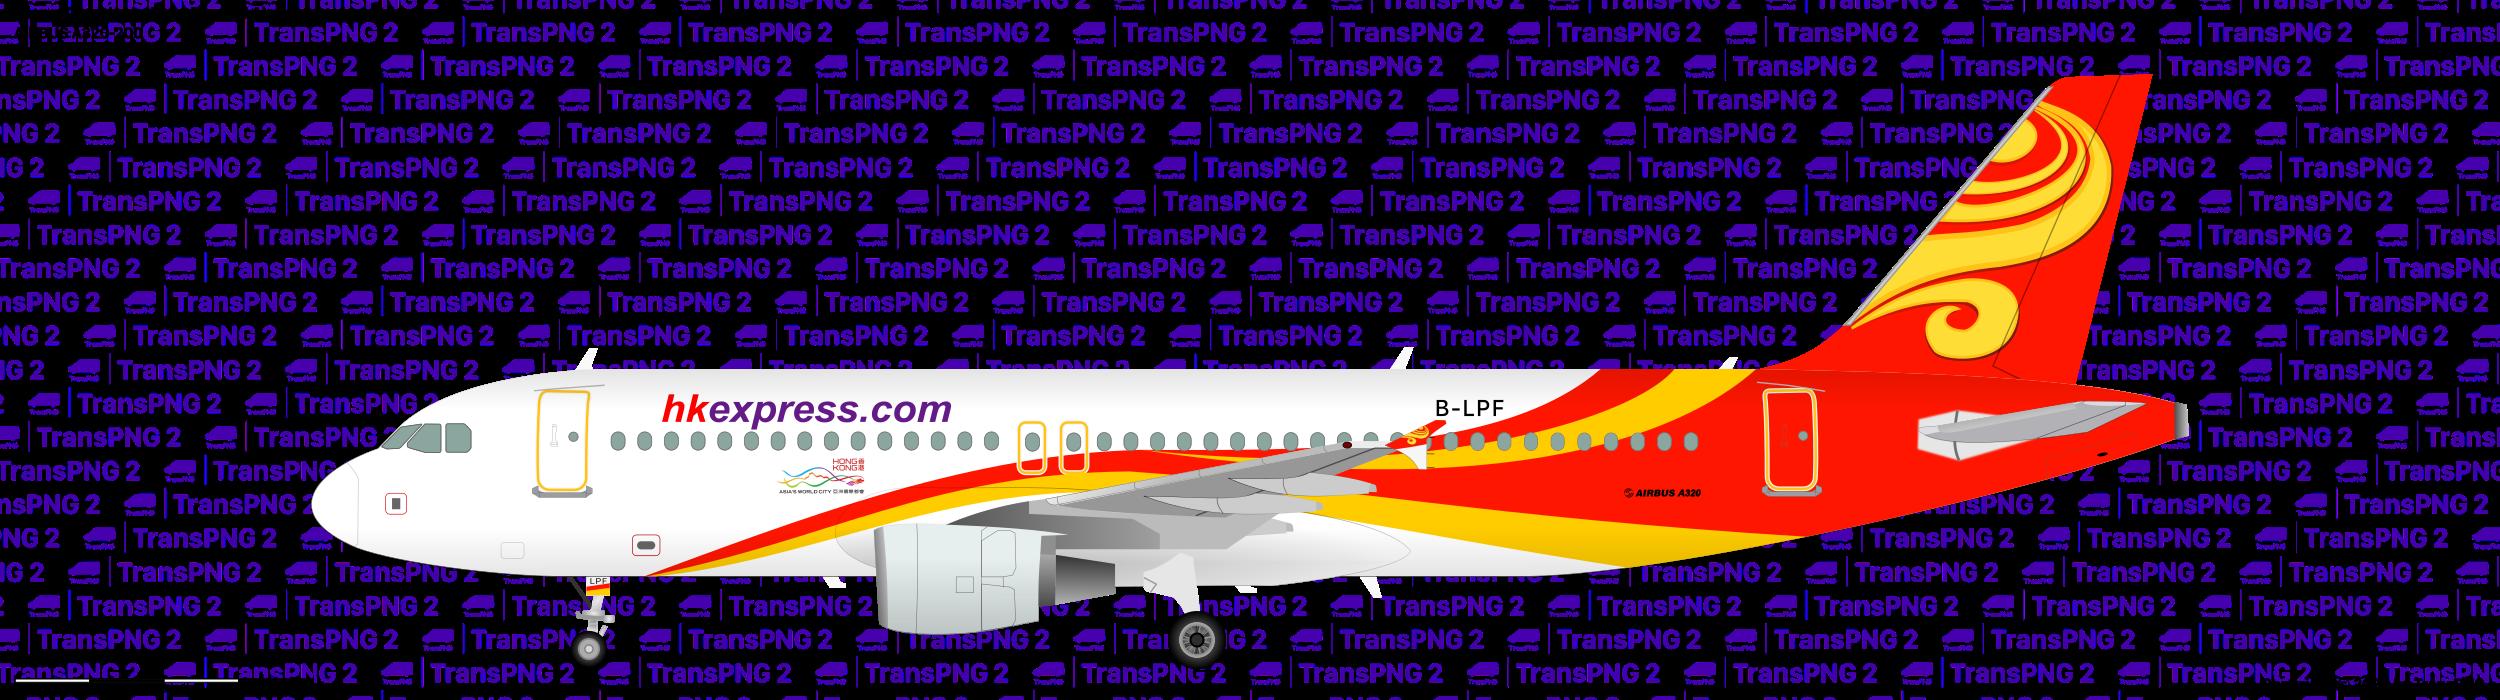 [25028] 香港快運航空 25028